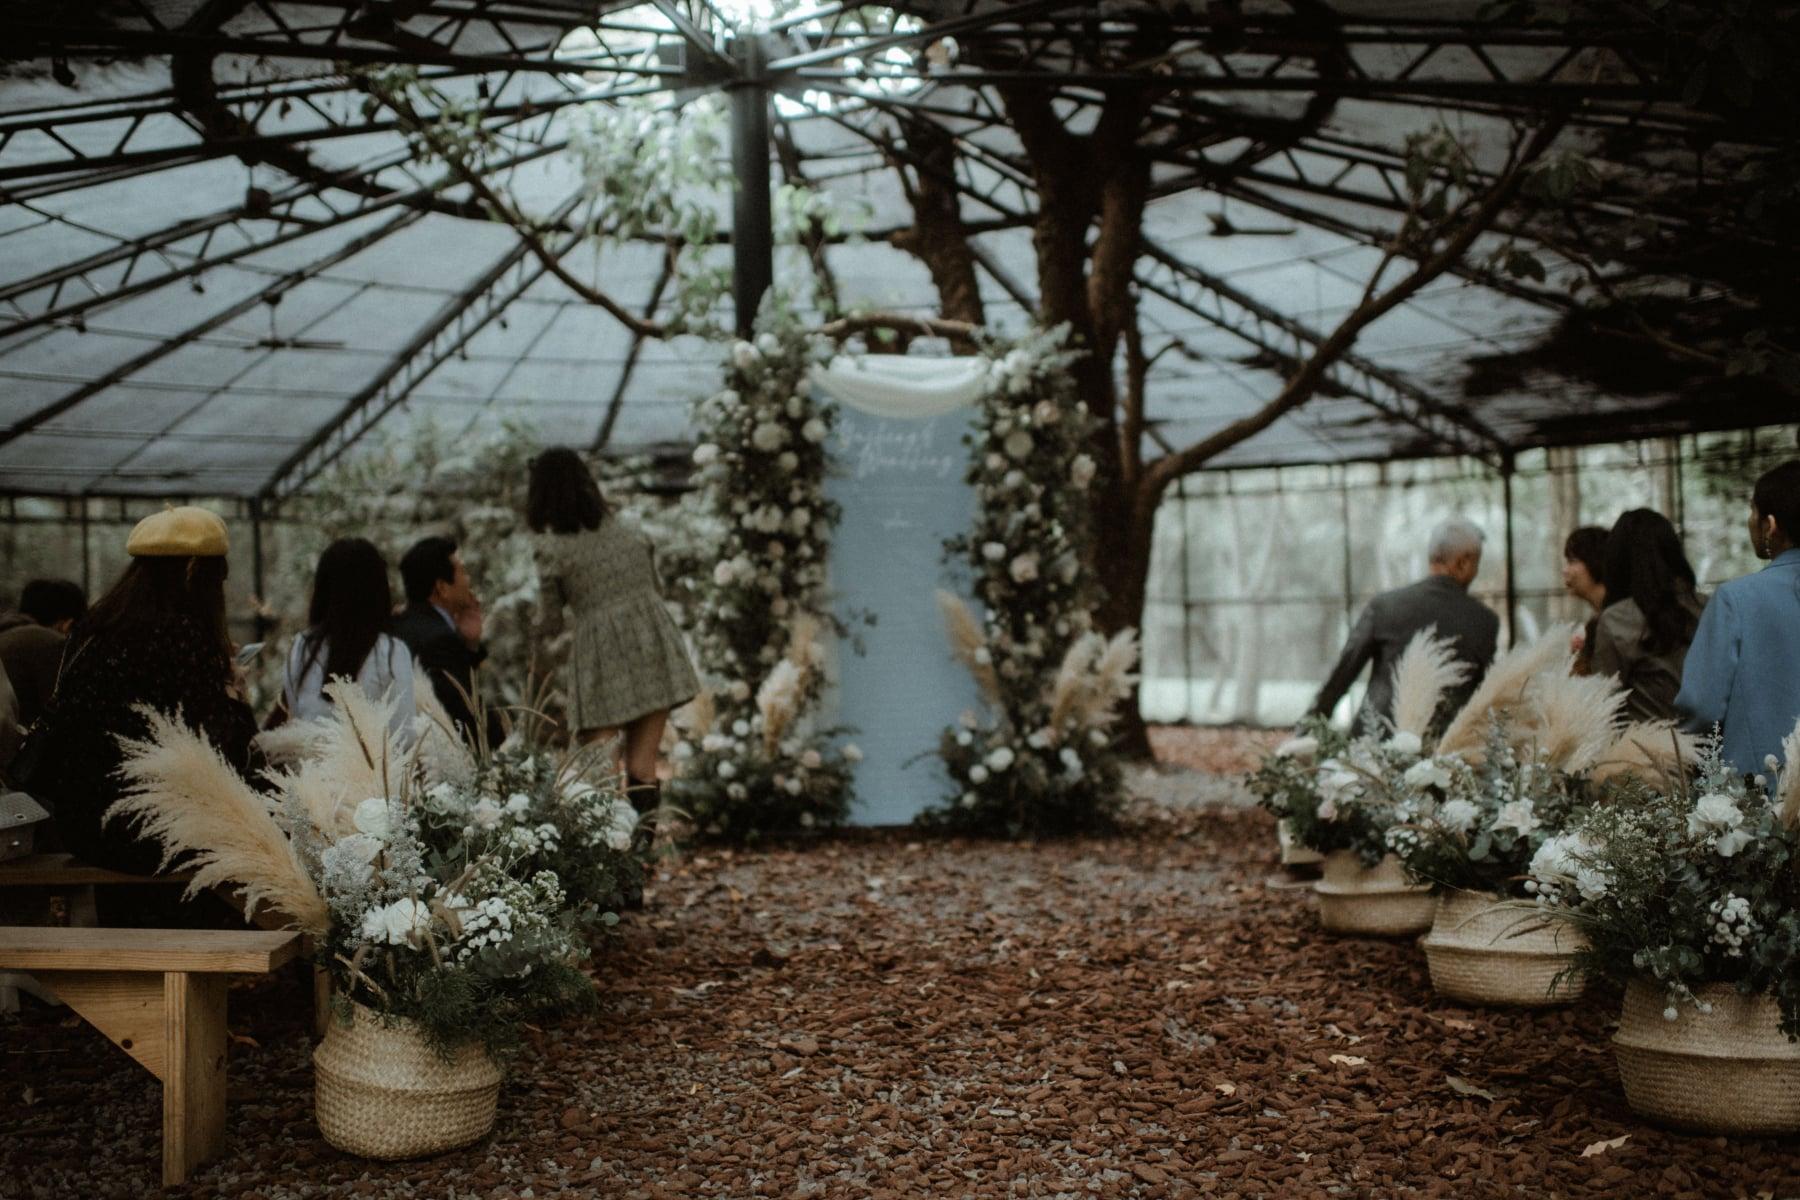 兩枚靈魂的相戀|婚禮主持人|婚禮顧問|婚禮企劃|婚禮服務